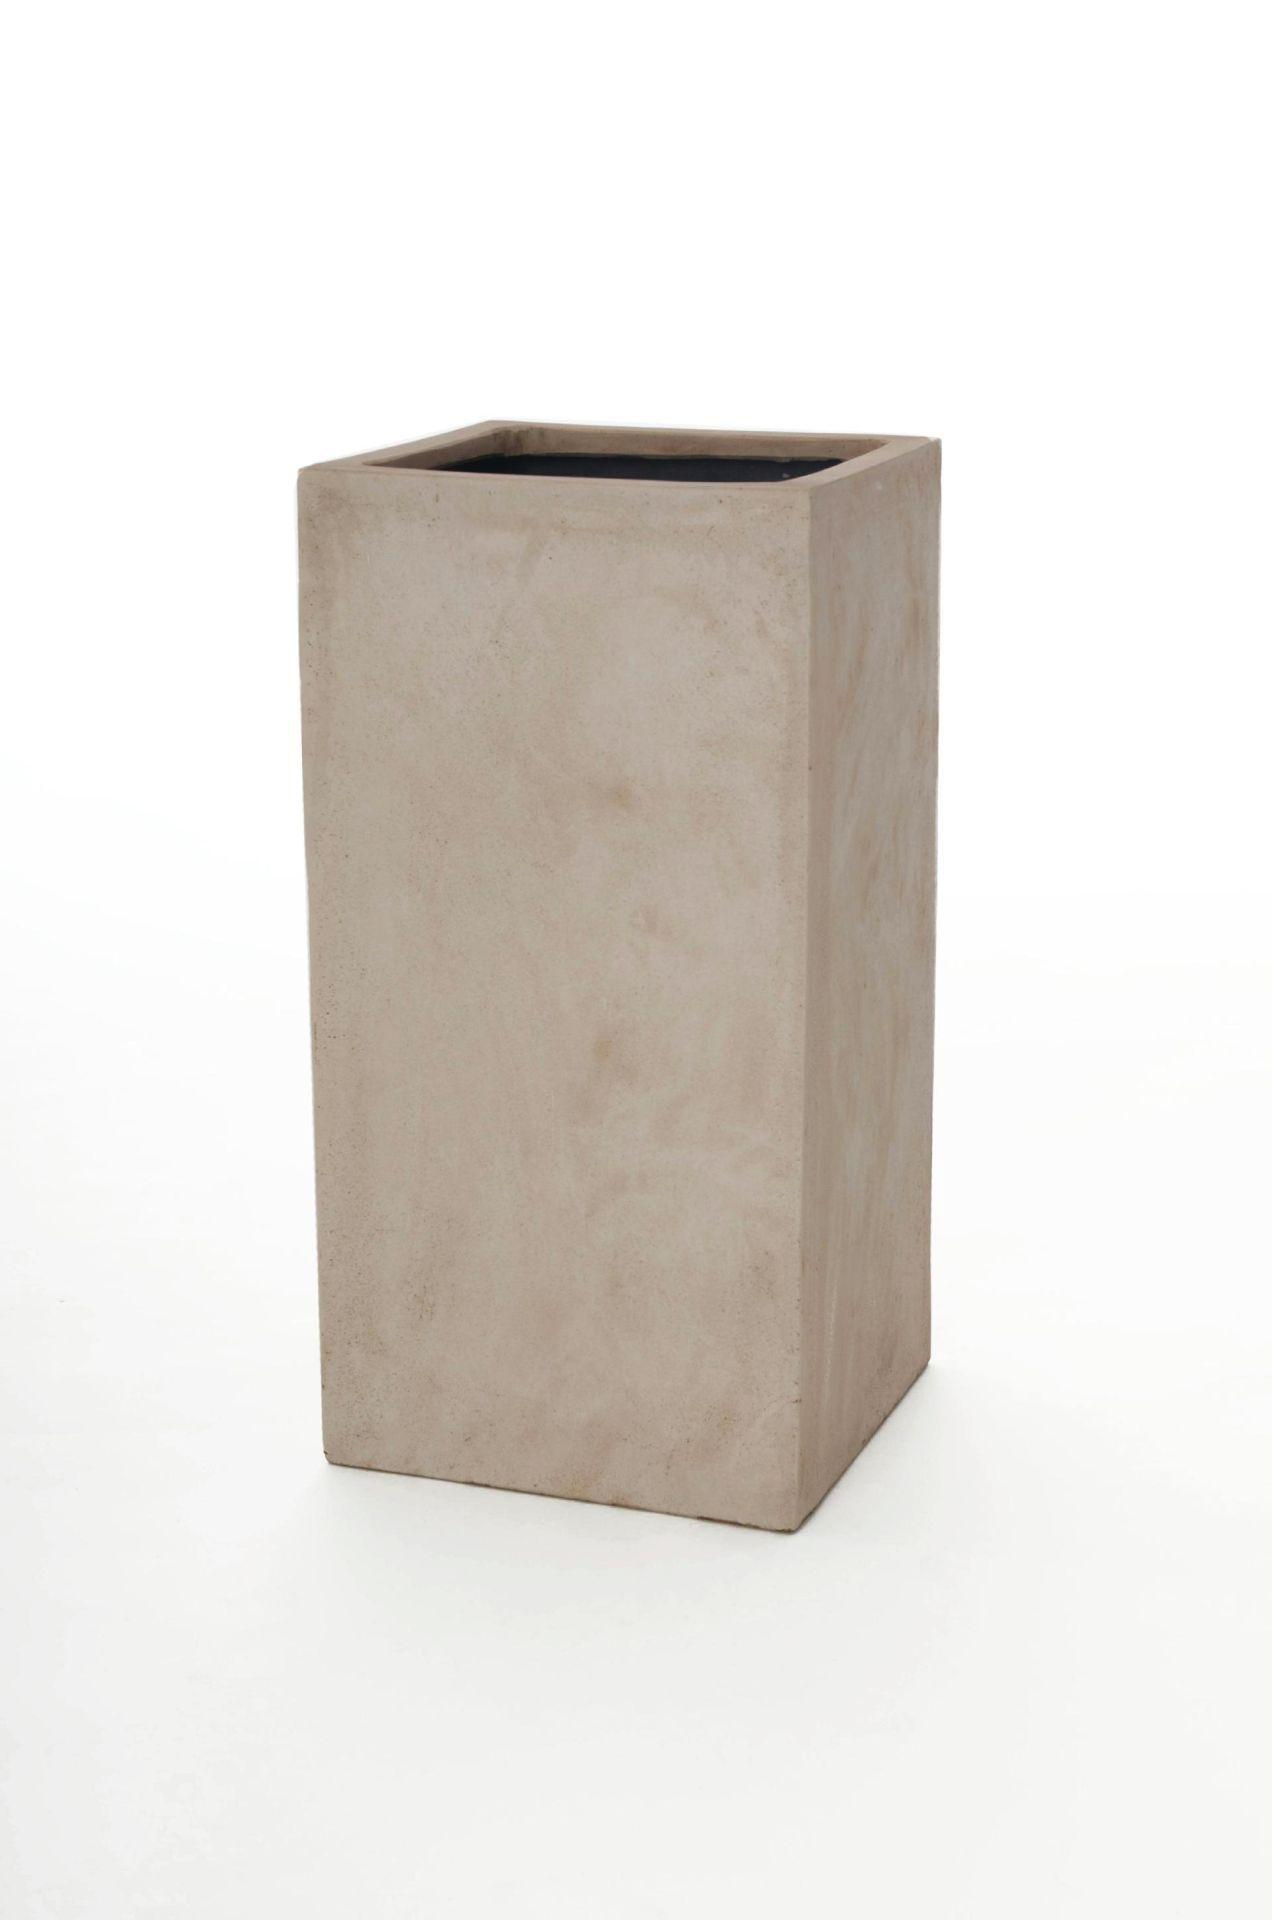 pflanzk bel blumenk bel pflanzs ule block 60 cm fiberglas beton design beige ebay. Black Bedroom Furniture Sets. Home Design Ideas